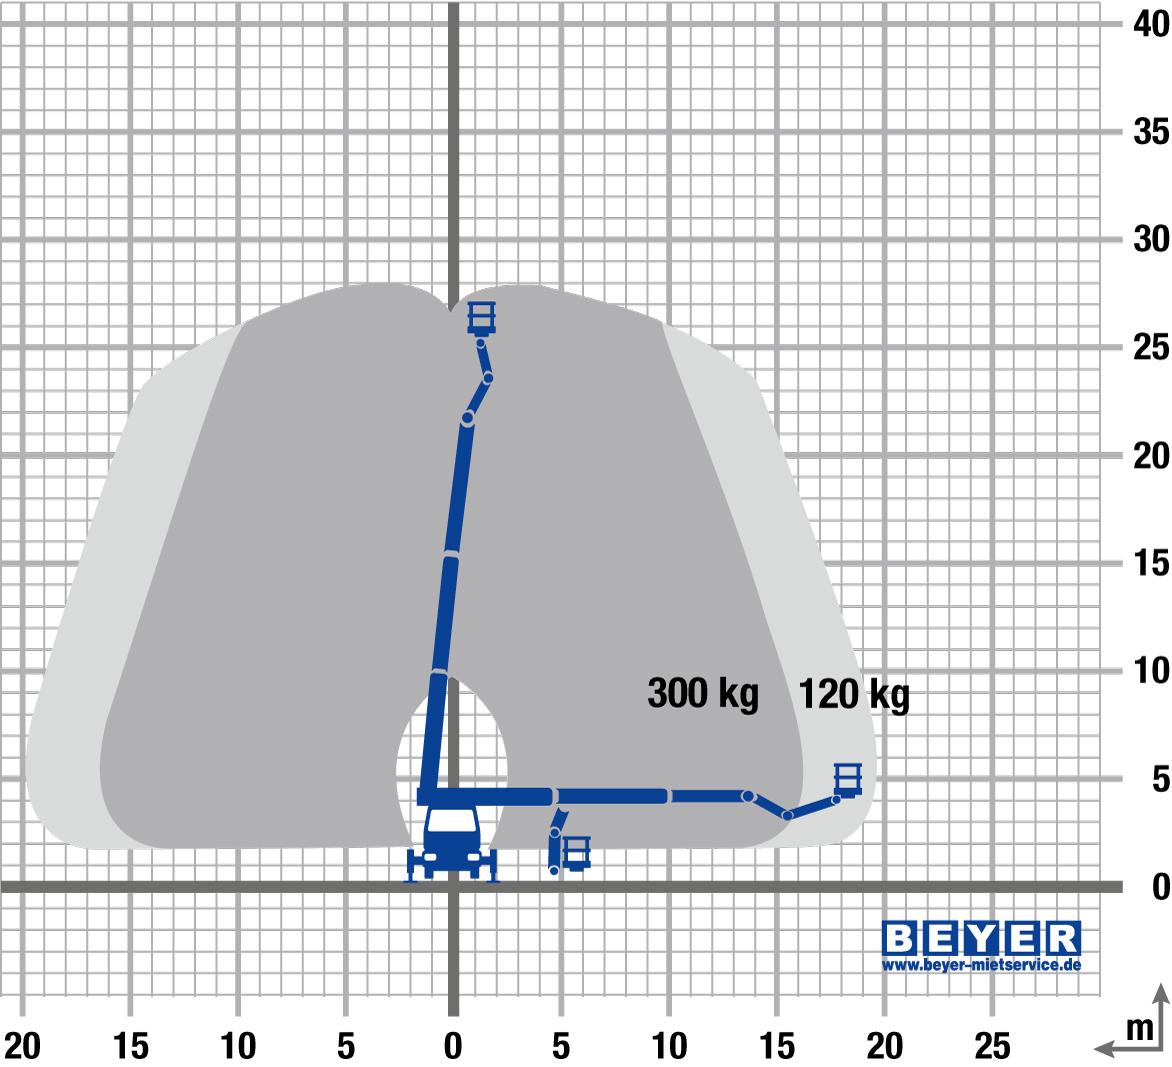 Groß Diagramm Eines Lastwagens Ideen - Elektrische Schaltplan-Ideen ...